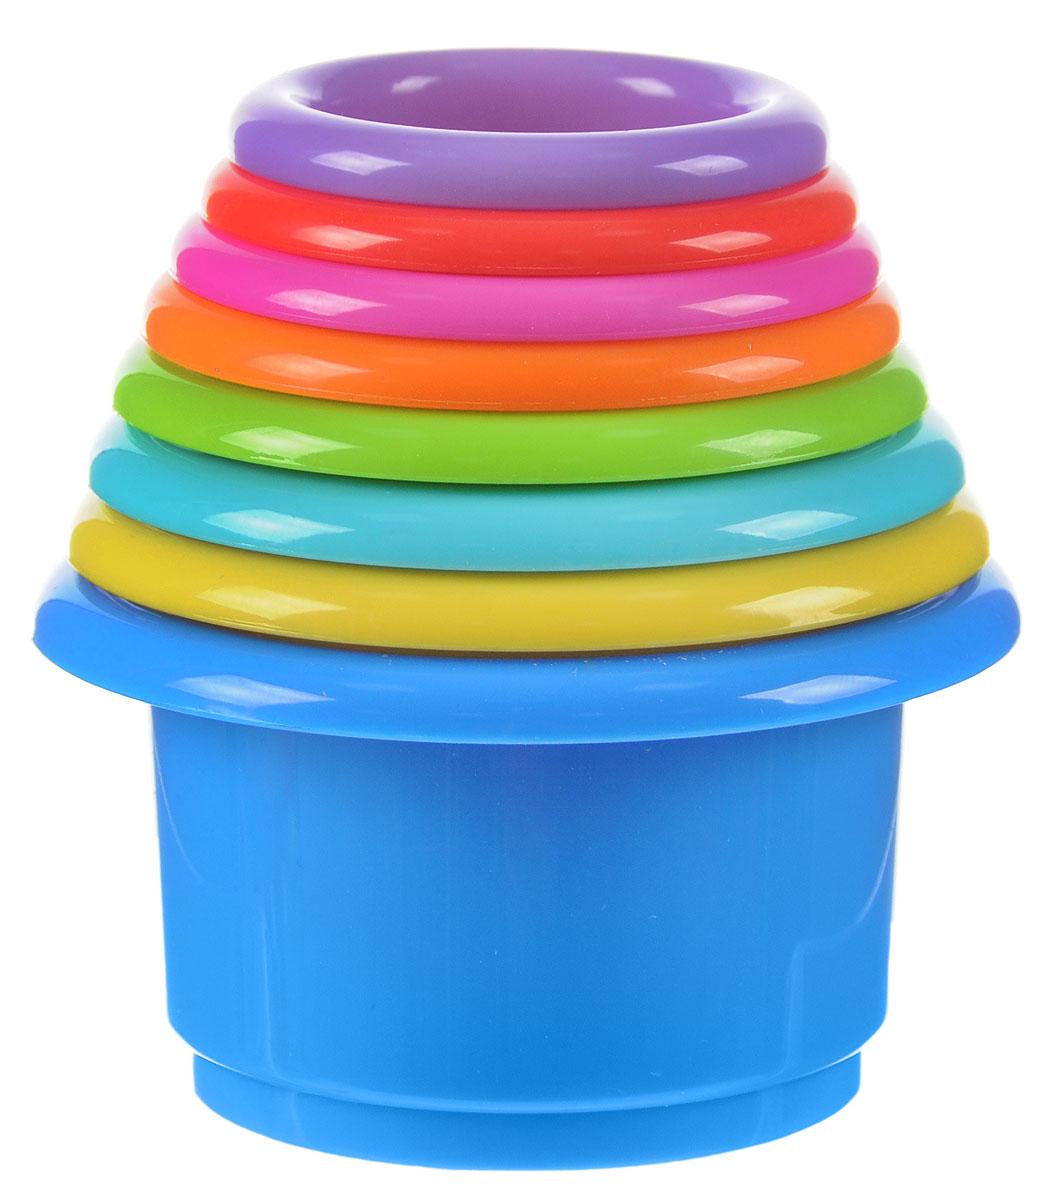 B kids Набор игрушек для песочницы Формочки 8 шт